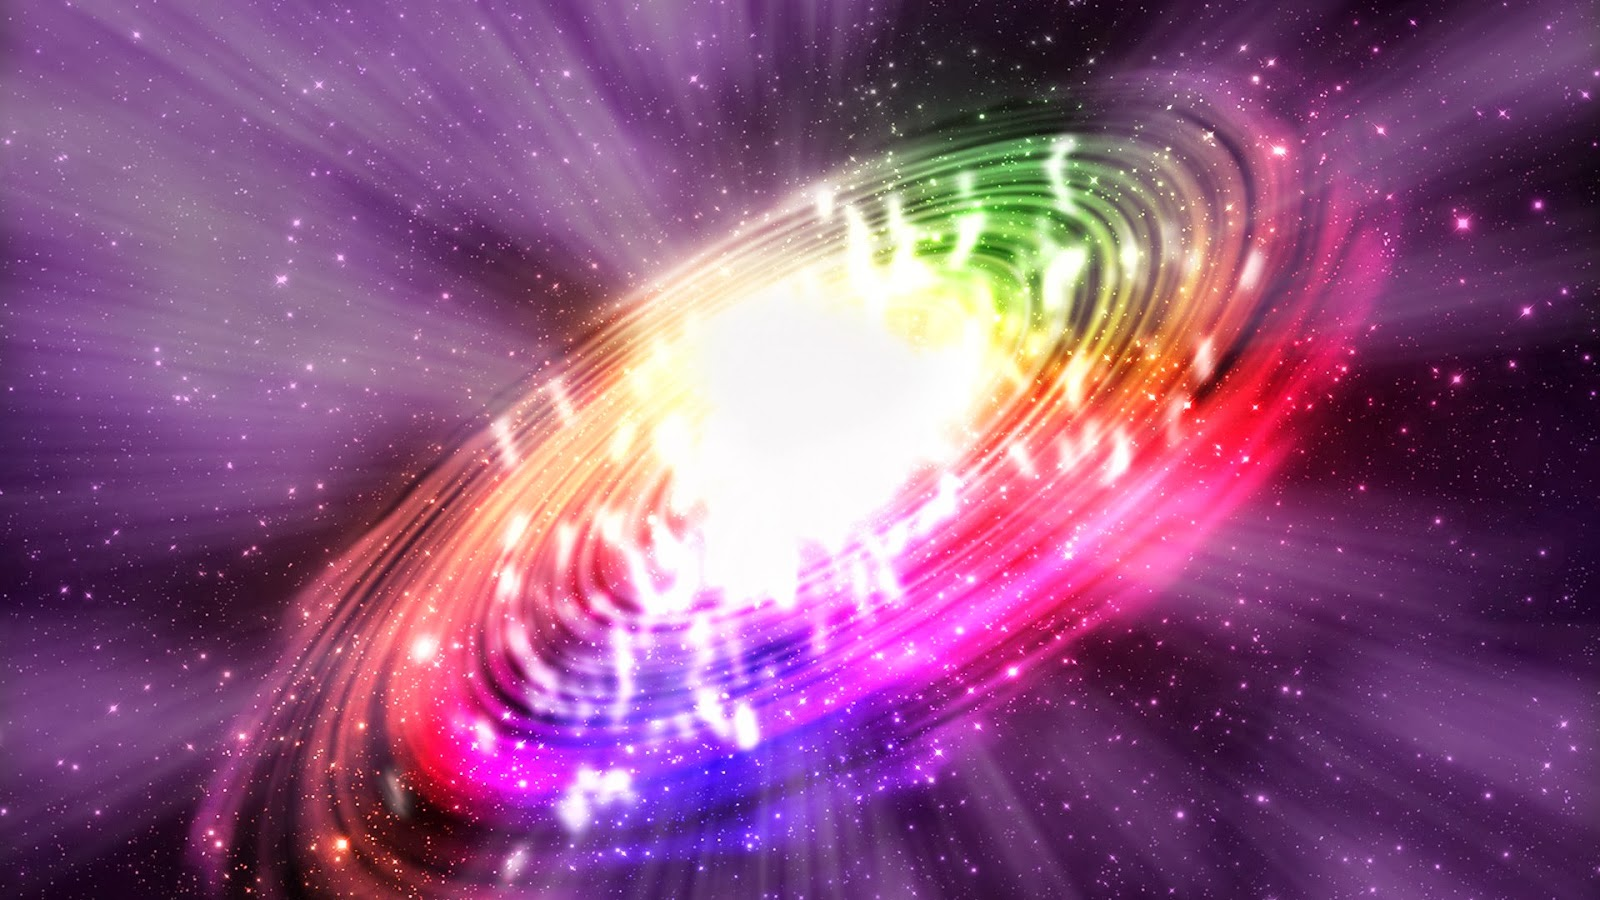 Fondos De Pantalla Gratis San Valentin 16: Fondo De Pantalla Abstracto Galaxia De Colores